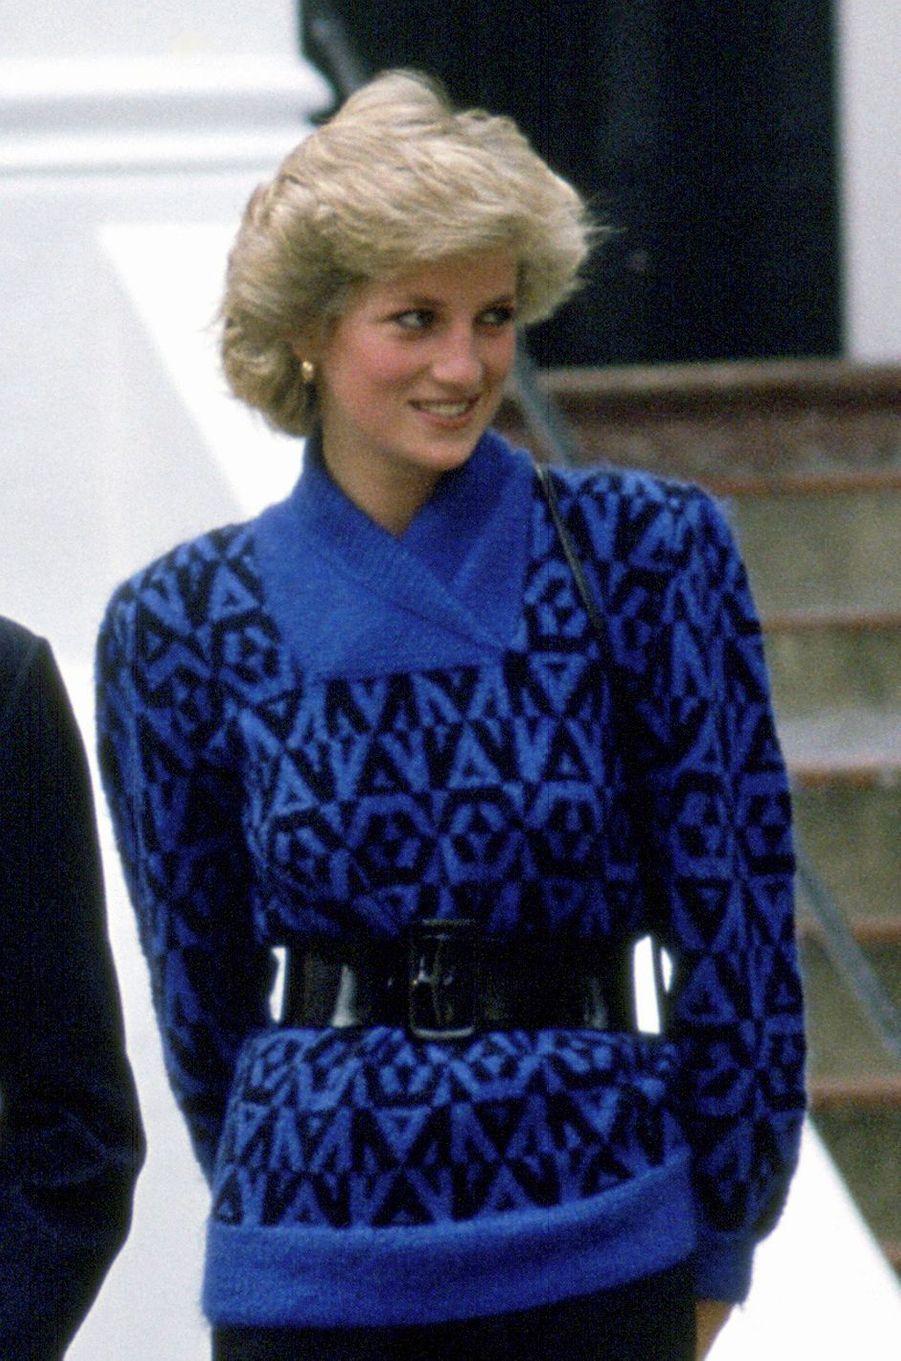 Le pull en jacquard de la princesse Diana, le 24 septembre 1985